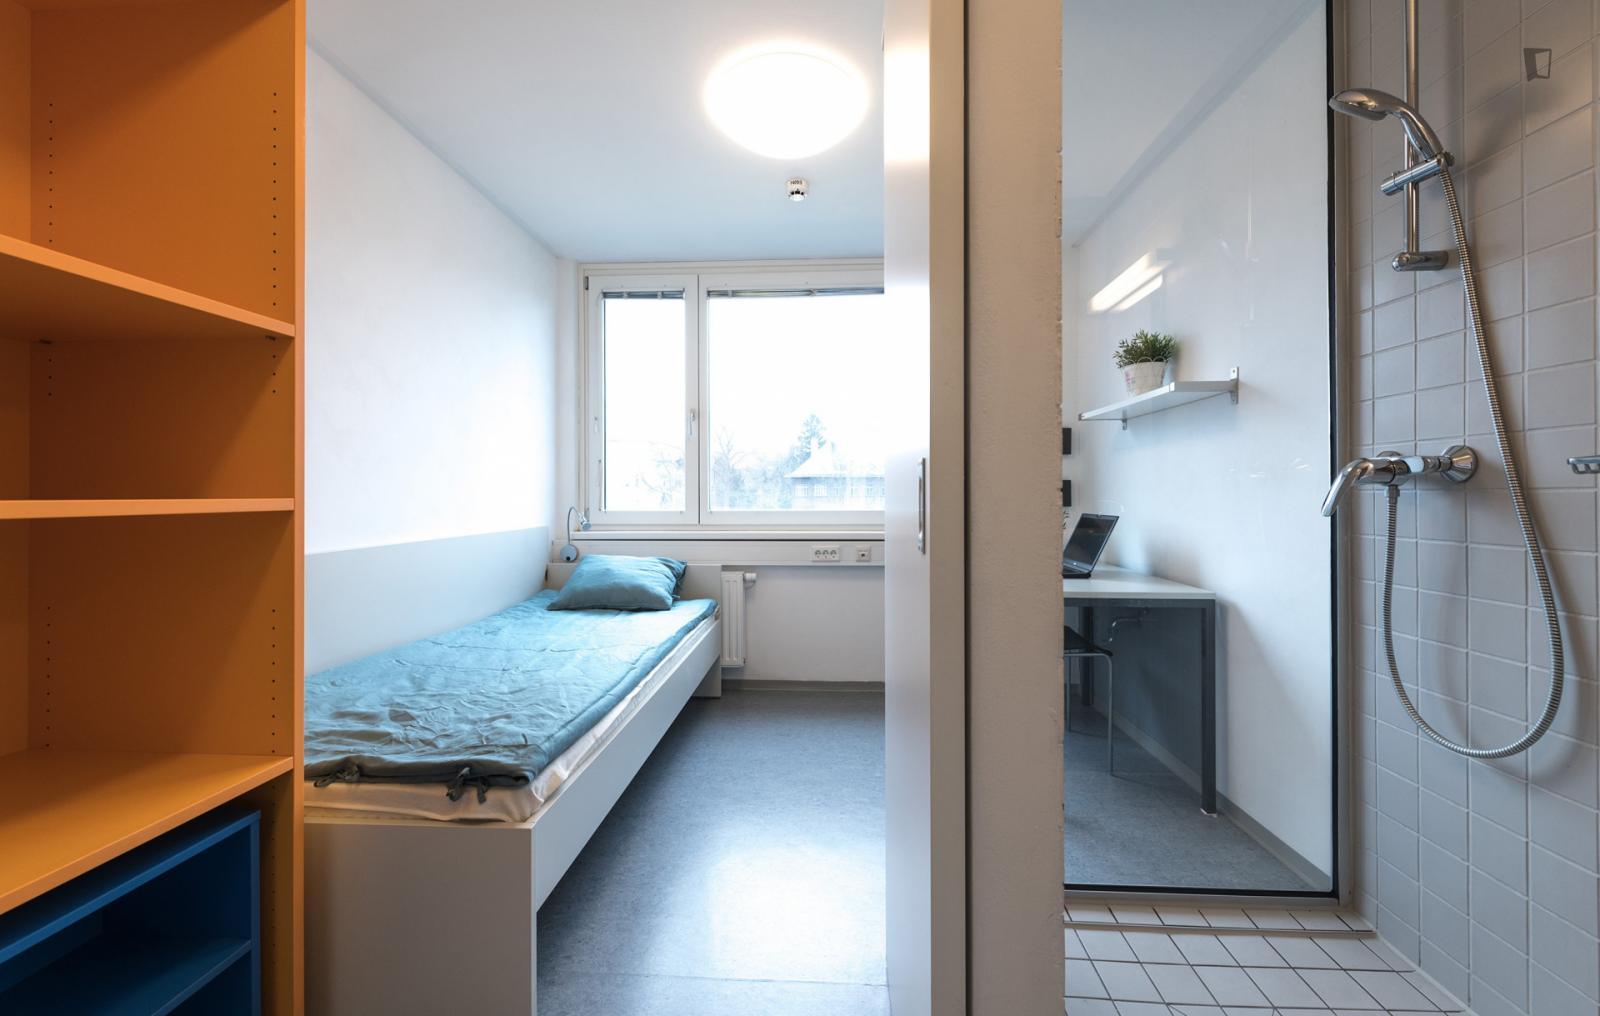 Gymnasiumstrasse, Döbling, AT-9 - 440 EUR/ month